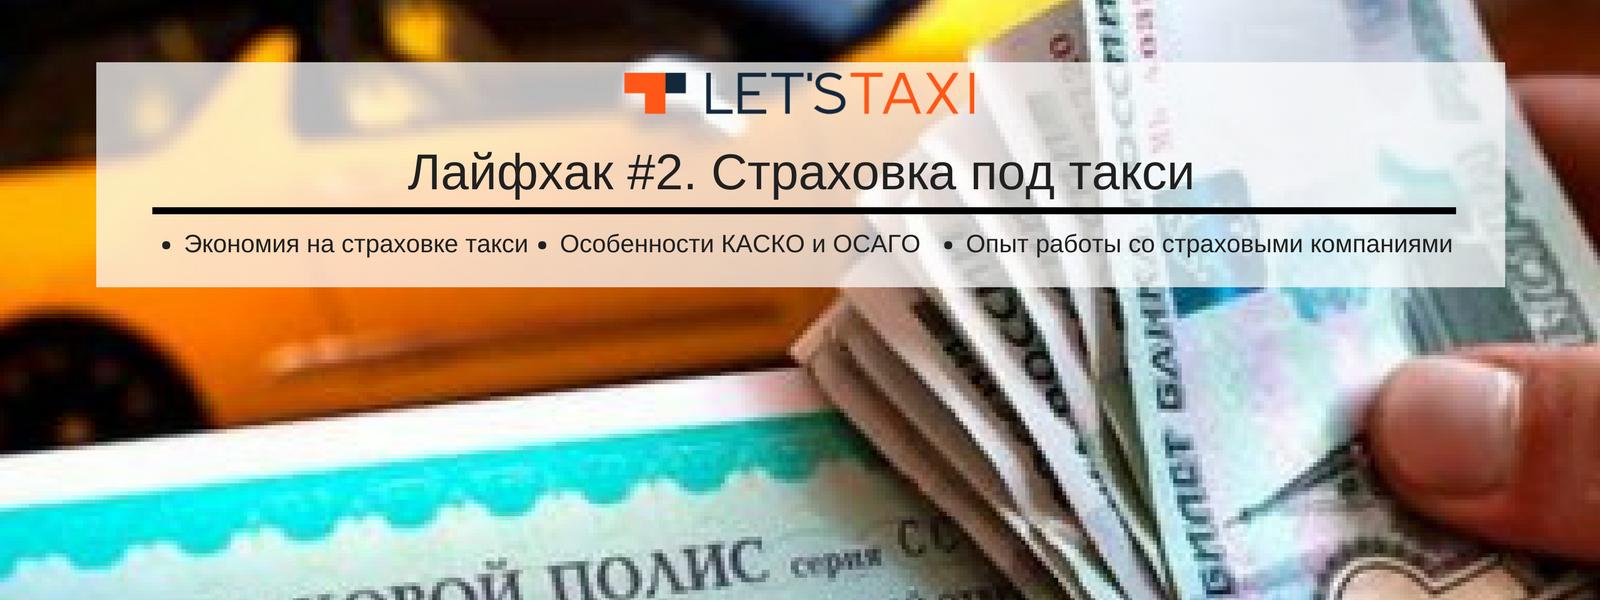 Страховка под такси выбор